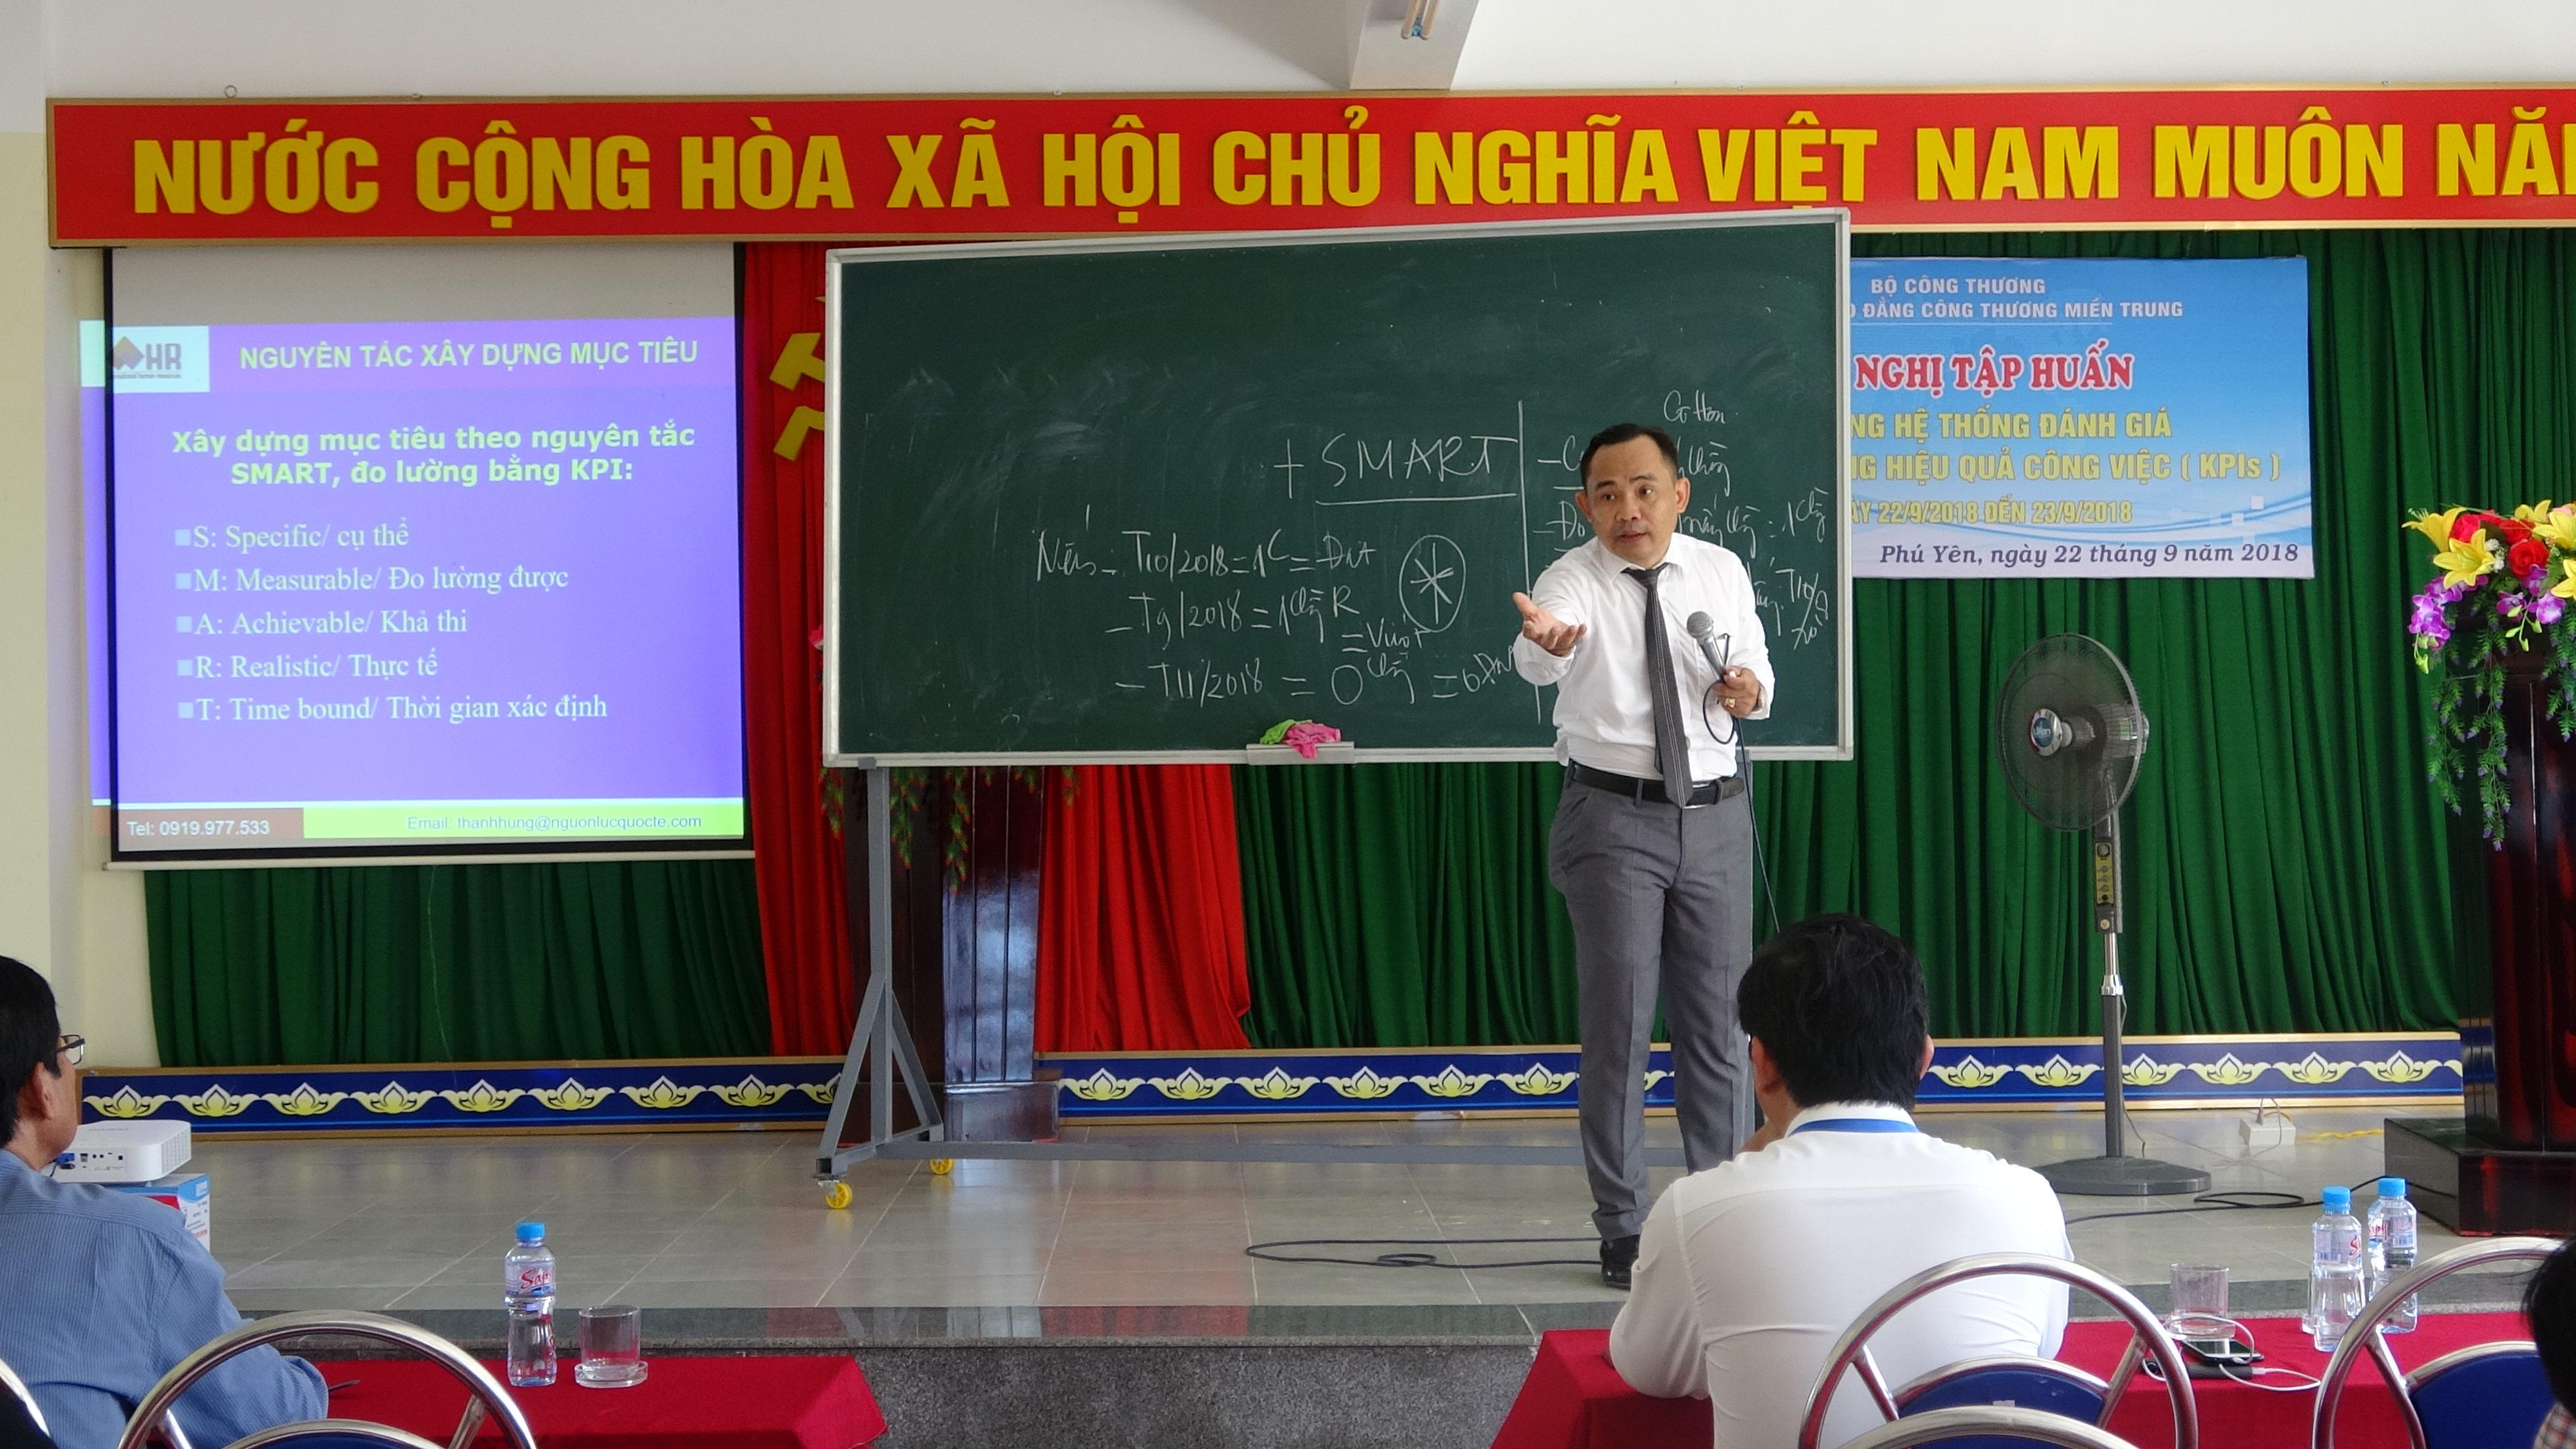 to-chuc-tap-huan-chi-so-danh-gia-hieu-qua-cong-viec-kpi-cho-toan-the-can-bo-giao-vien-nha-truong